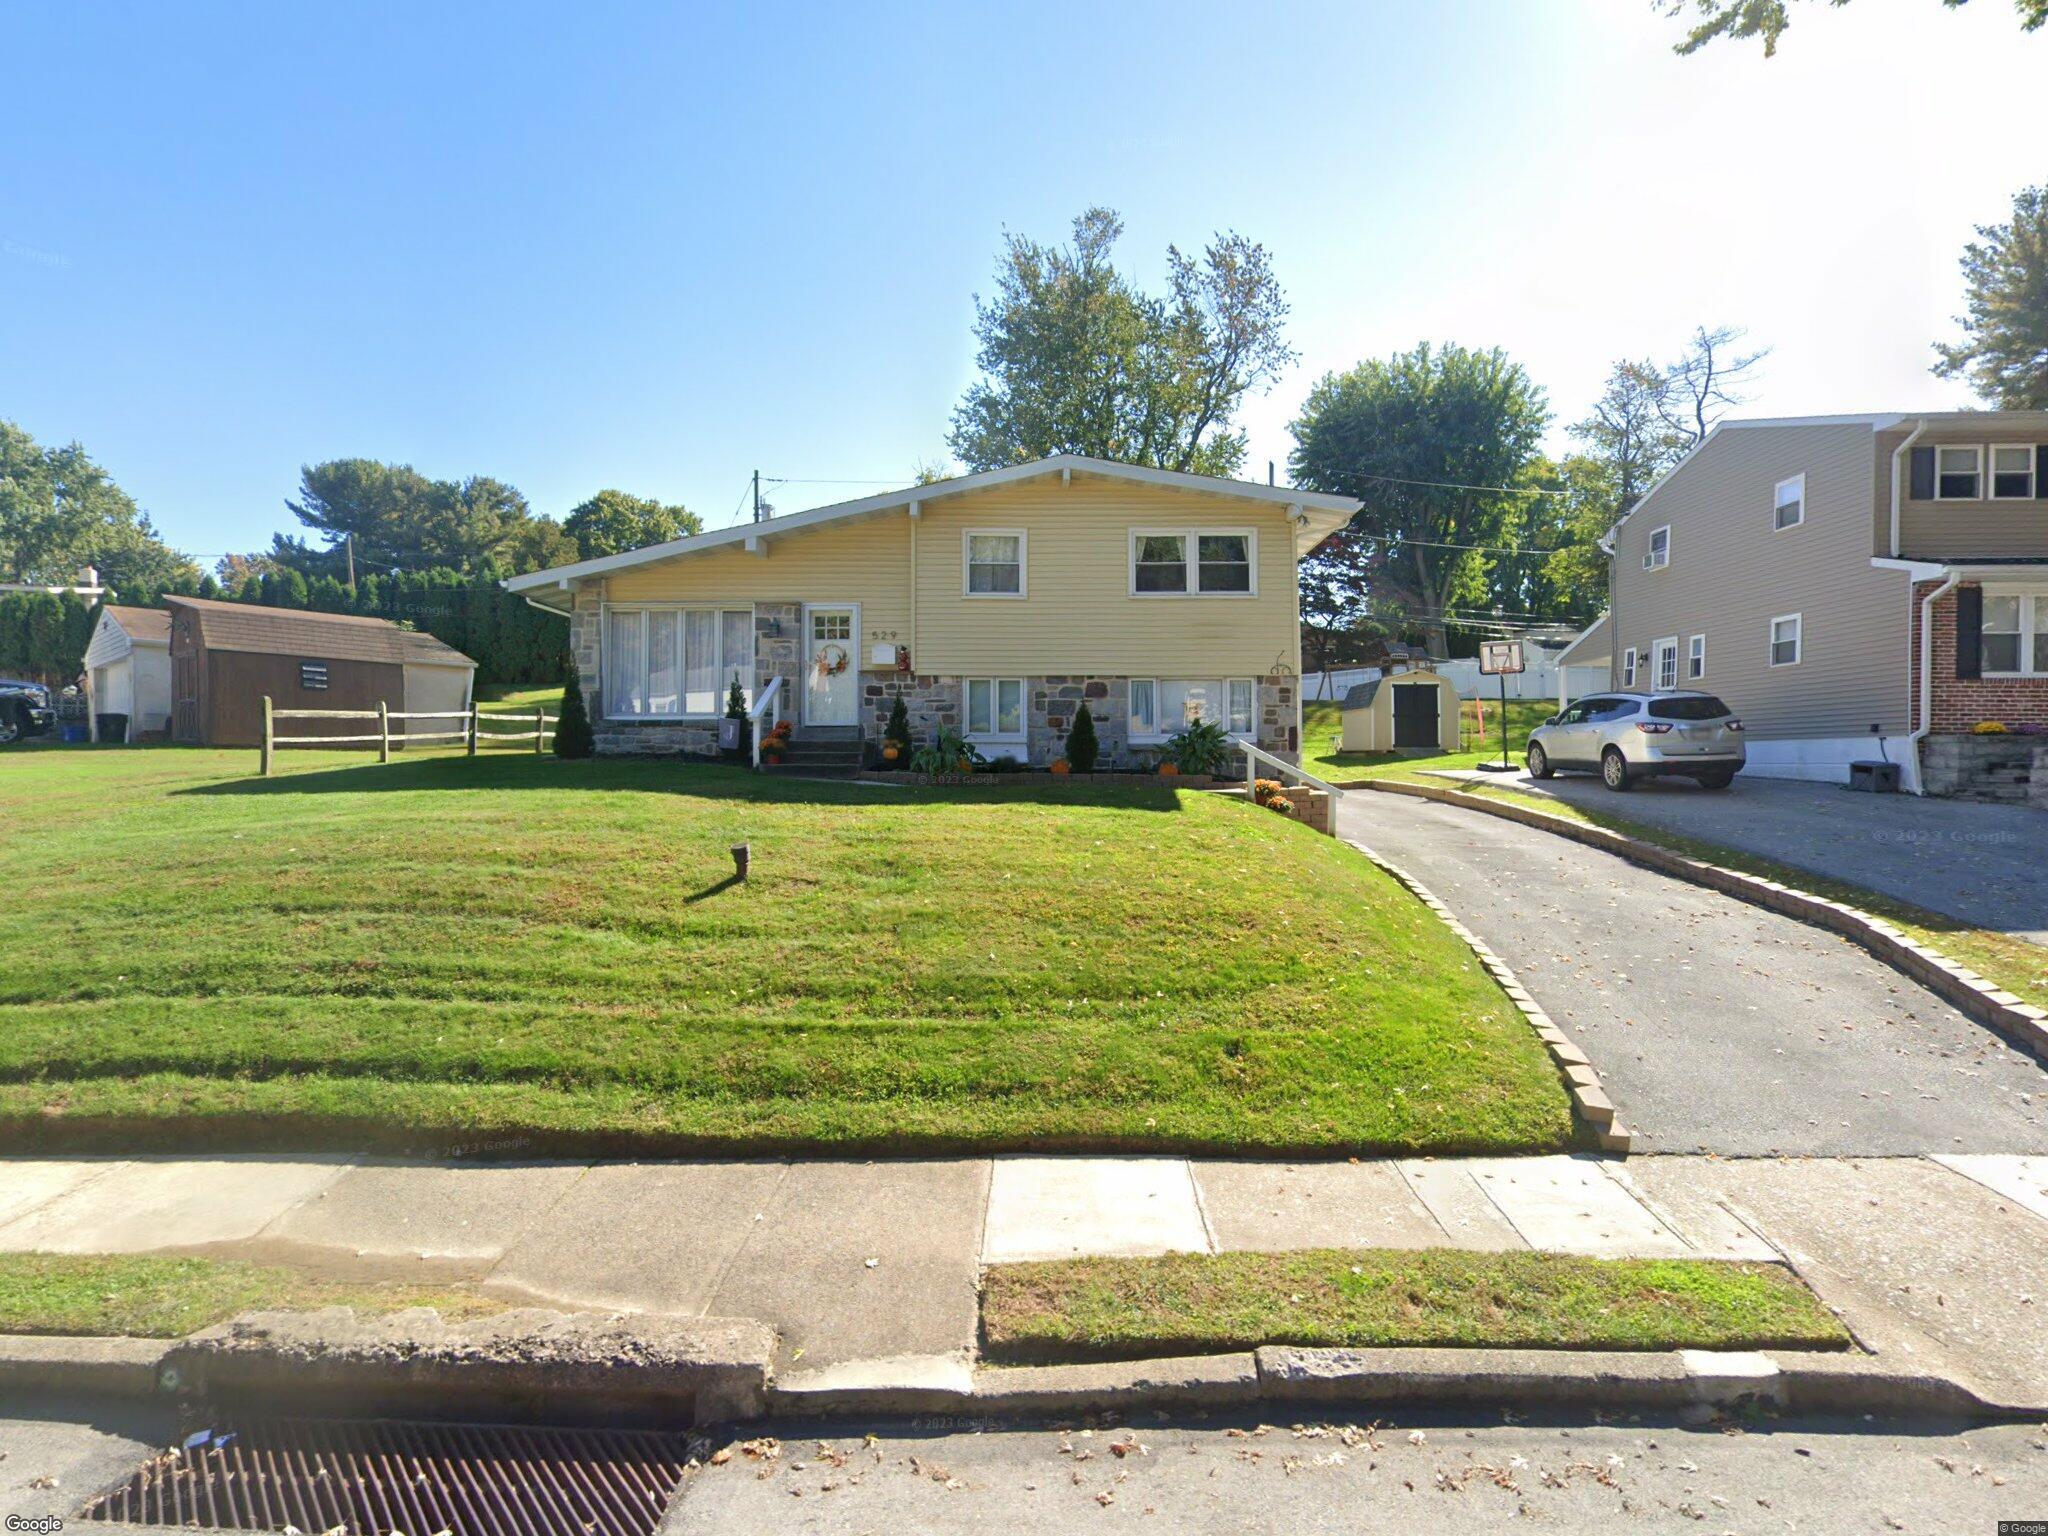 529 S Central Blvd Broomall Pa 19008 Foreclosure Trulia